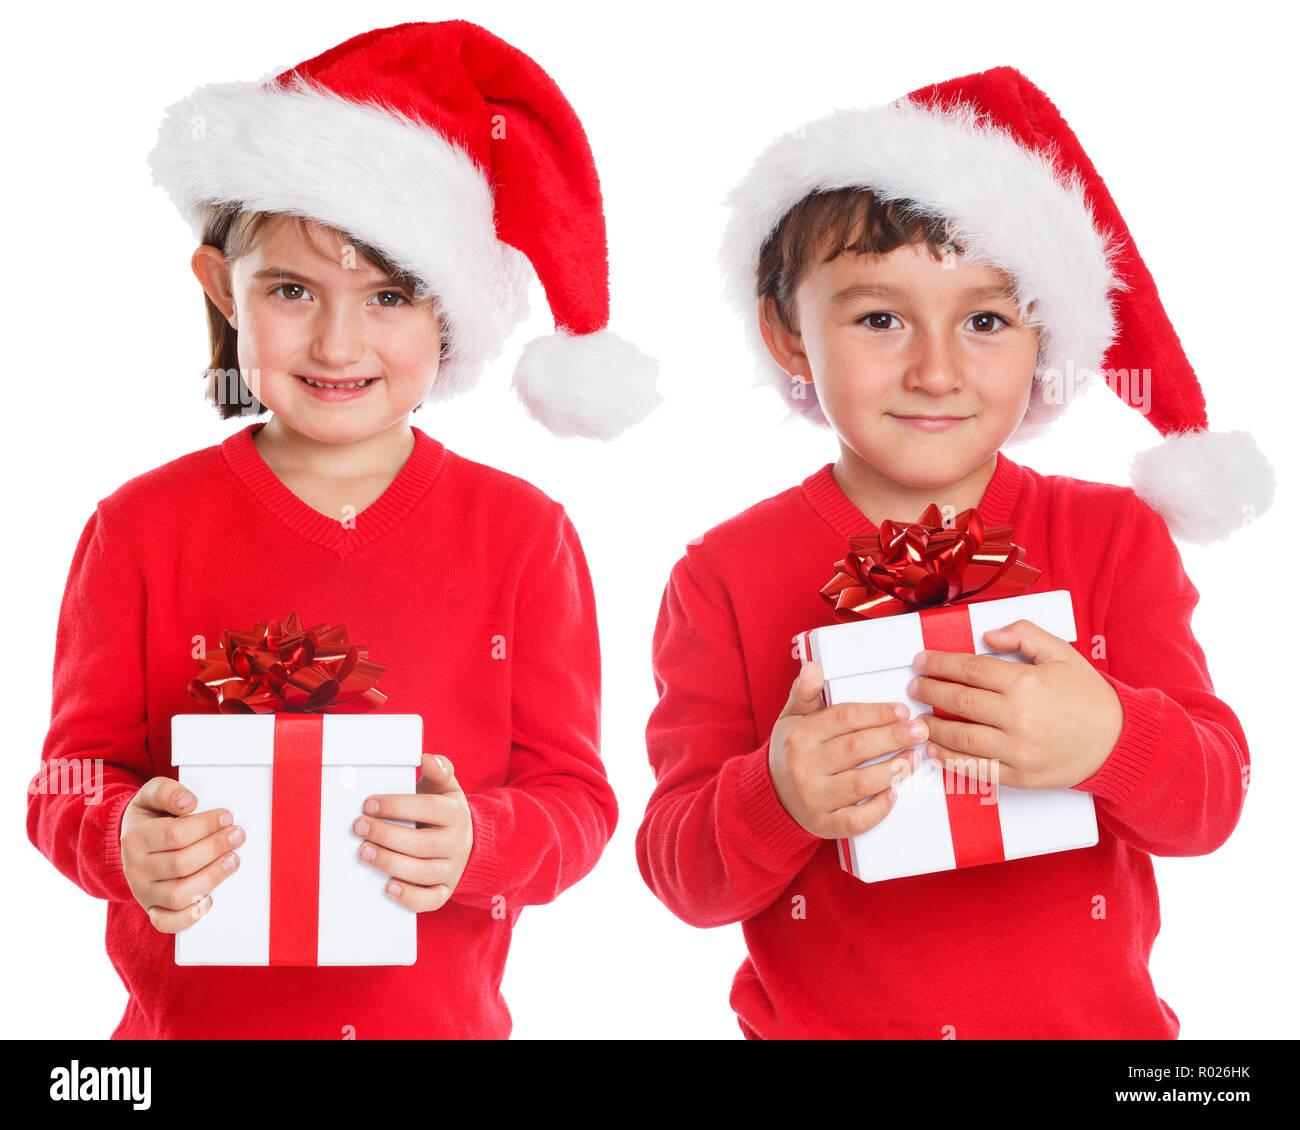 Children Santa Claus Stockfotos & Children Santa Claus Bilder - Alamy